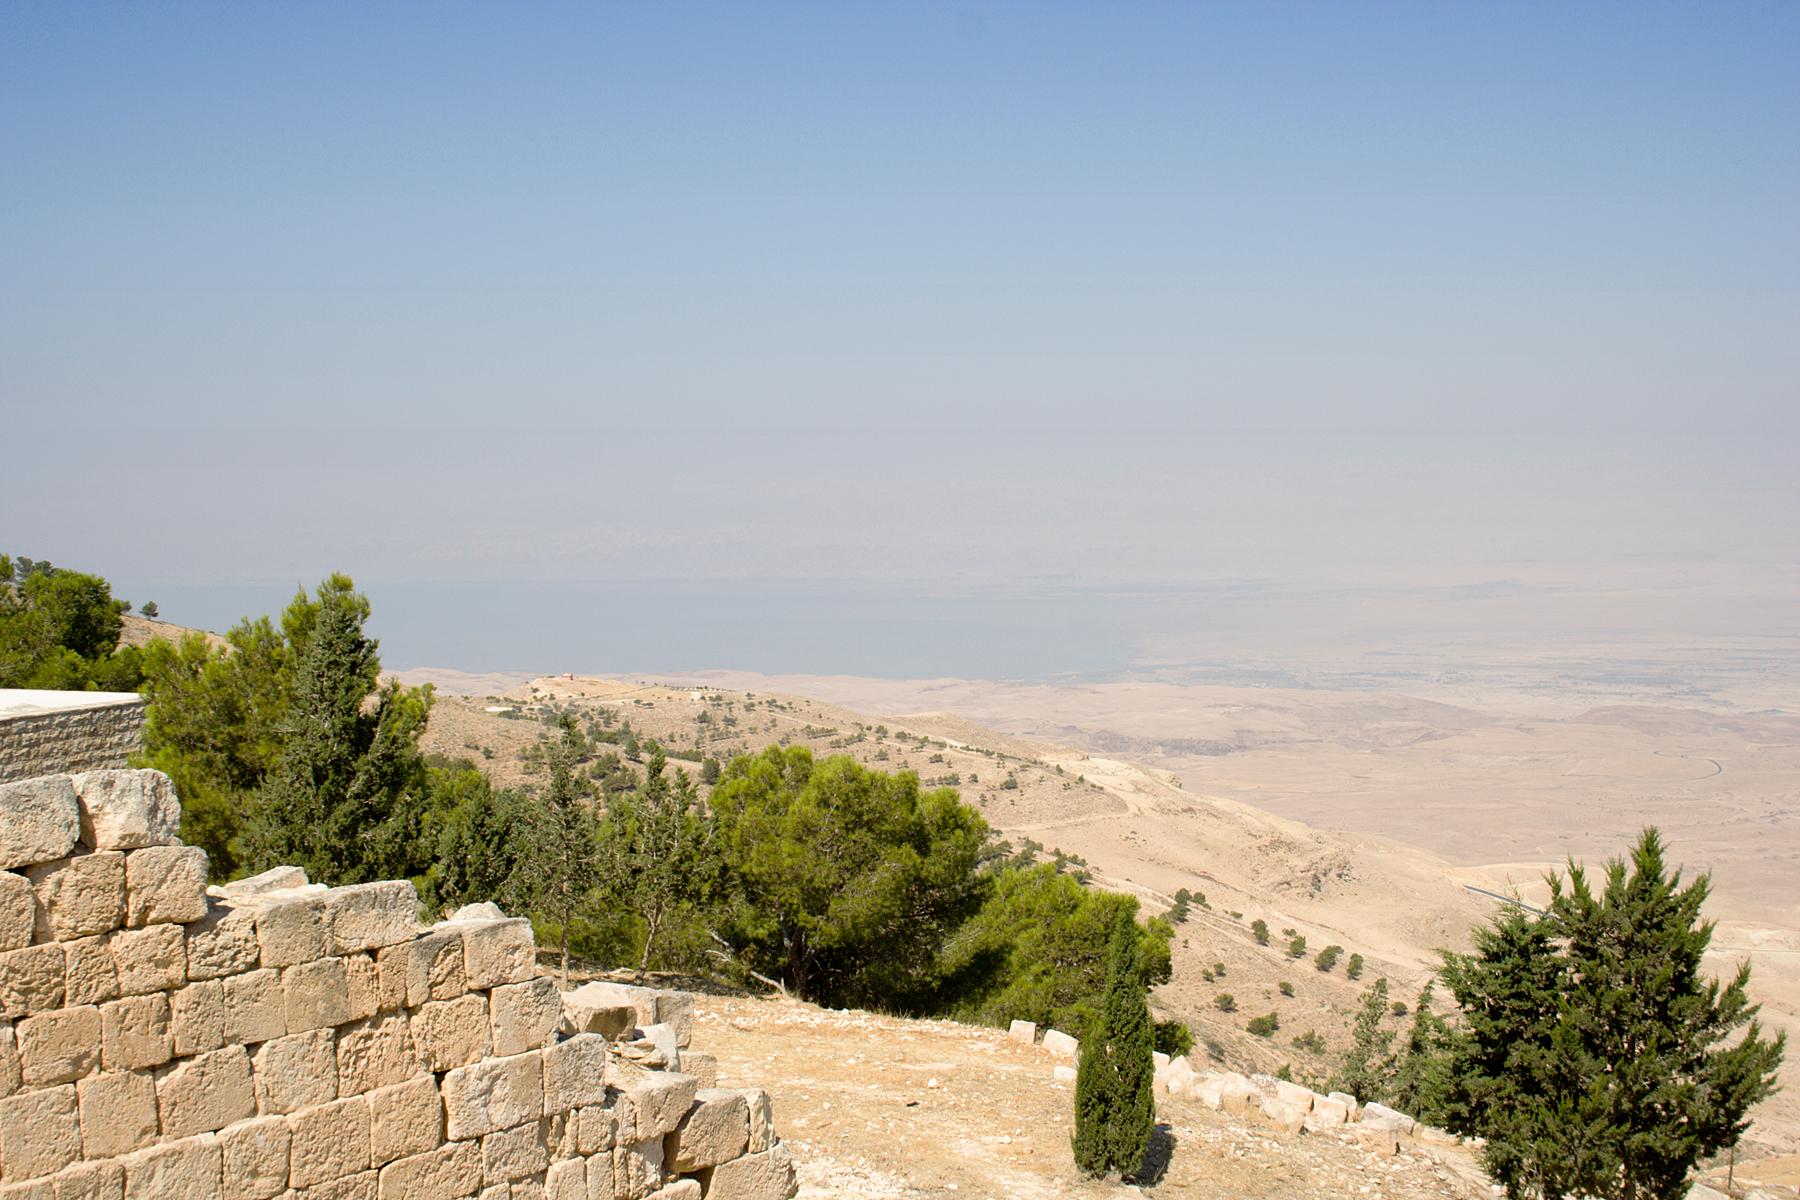 Dead_Sea_from_Mt_Nebo